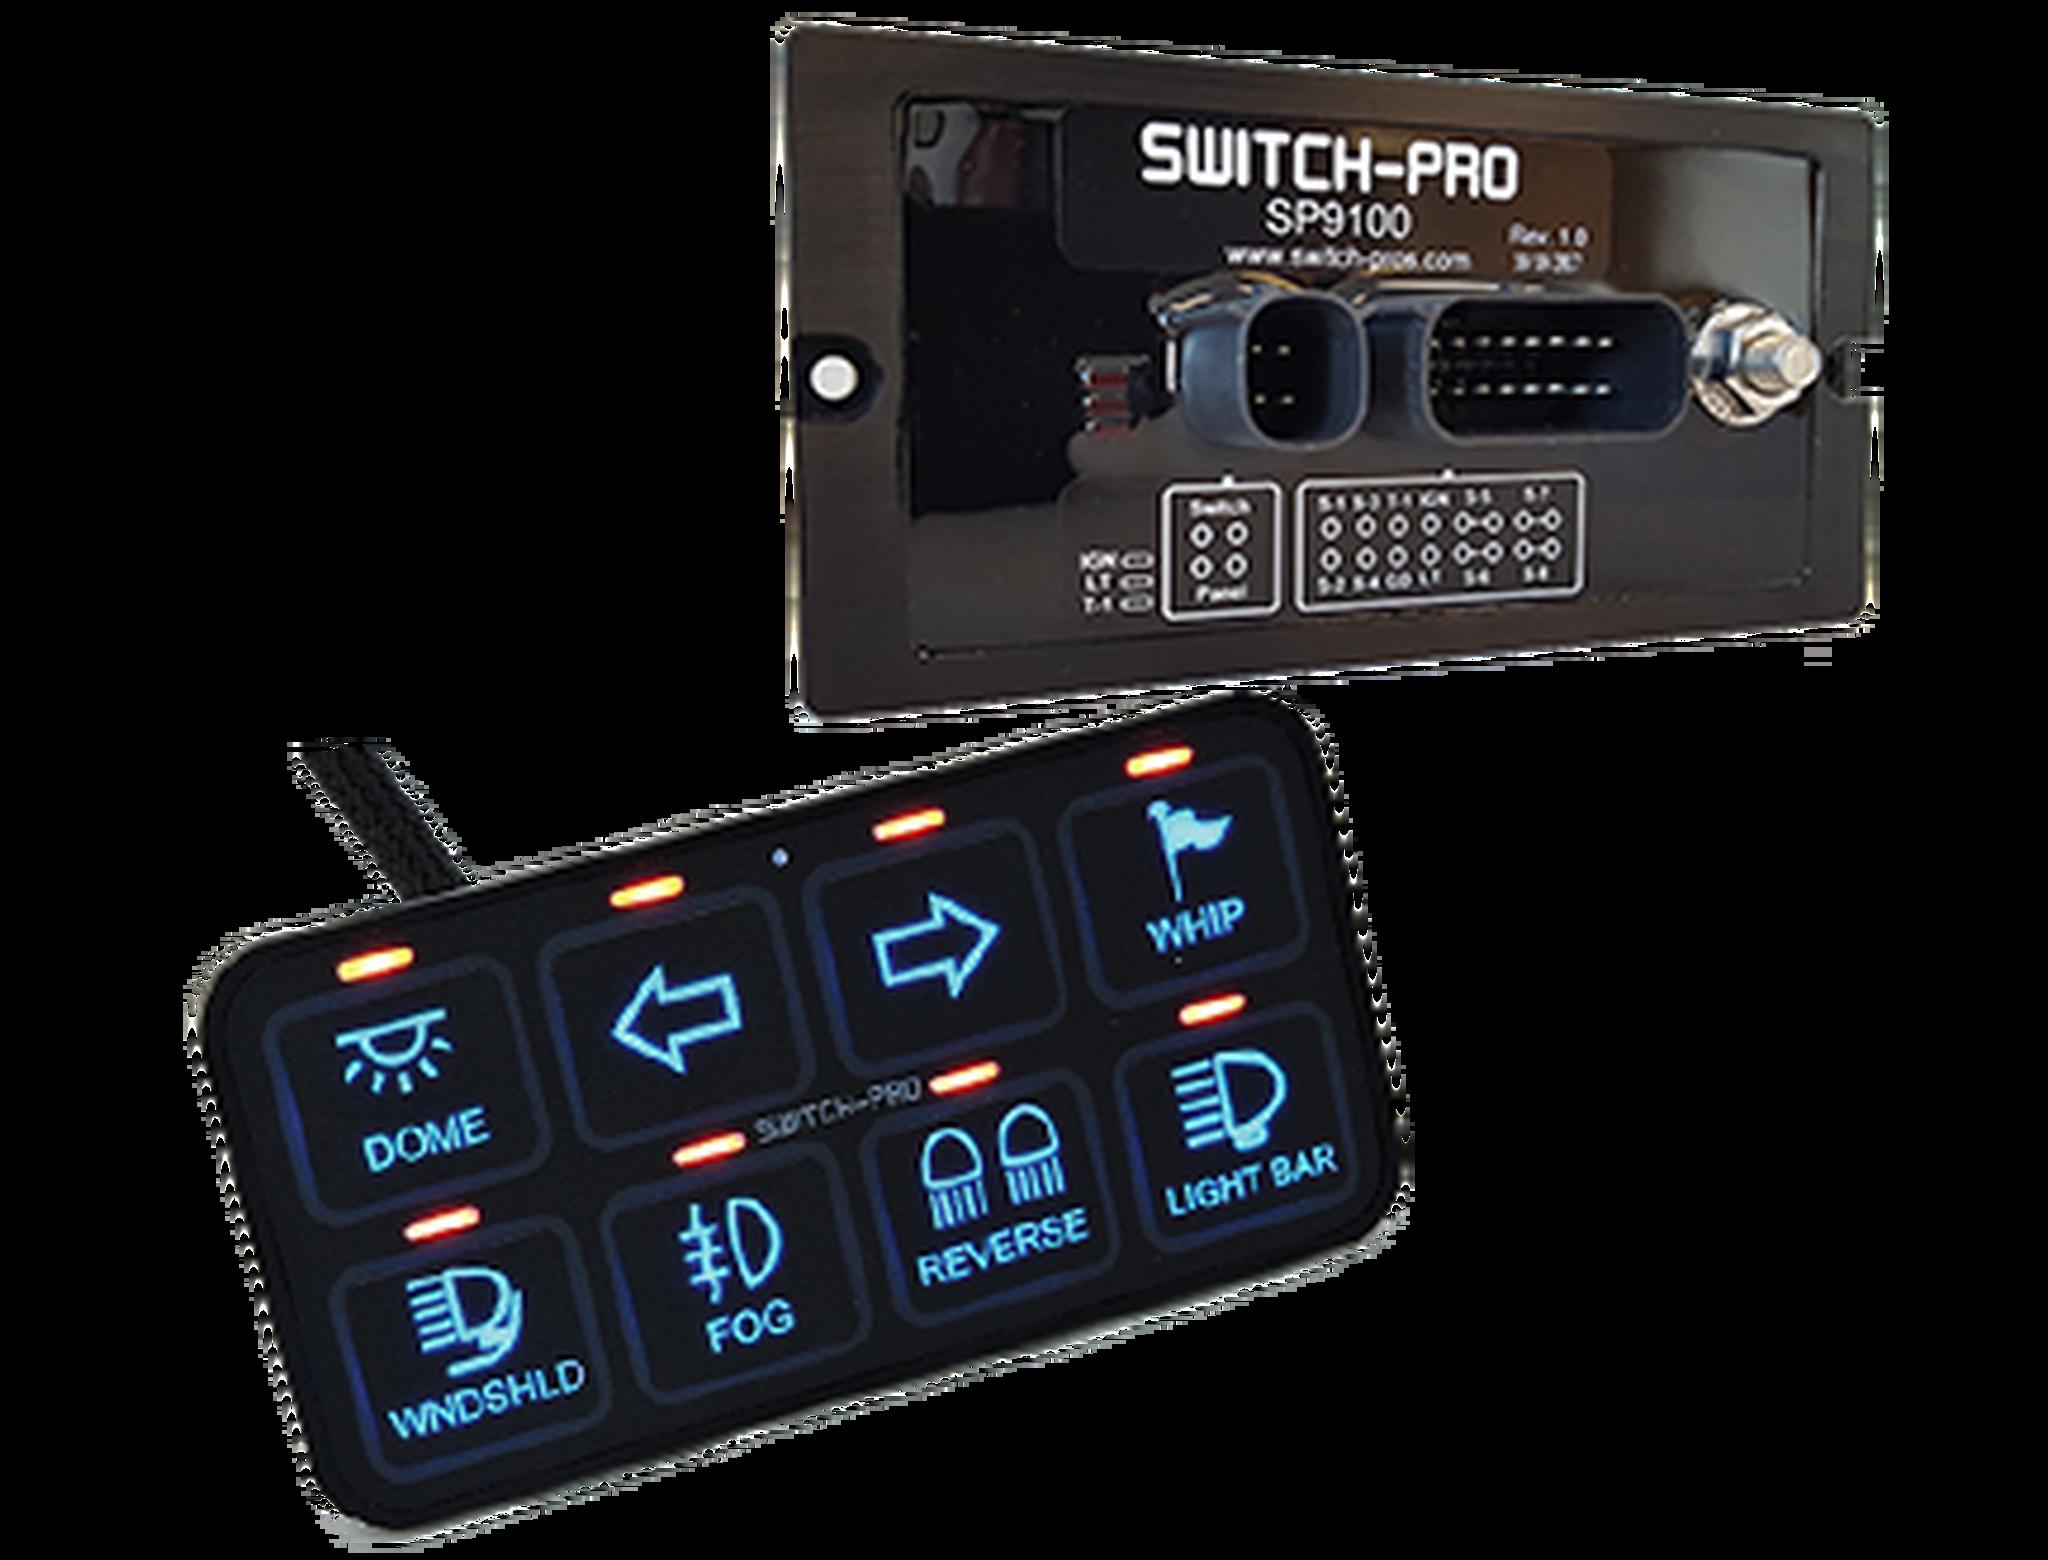 Switch-Pros 9100